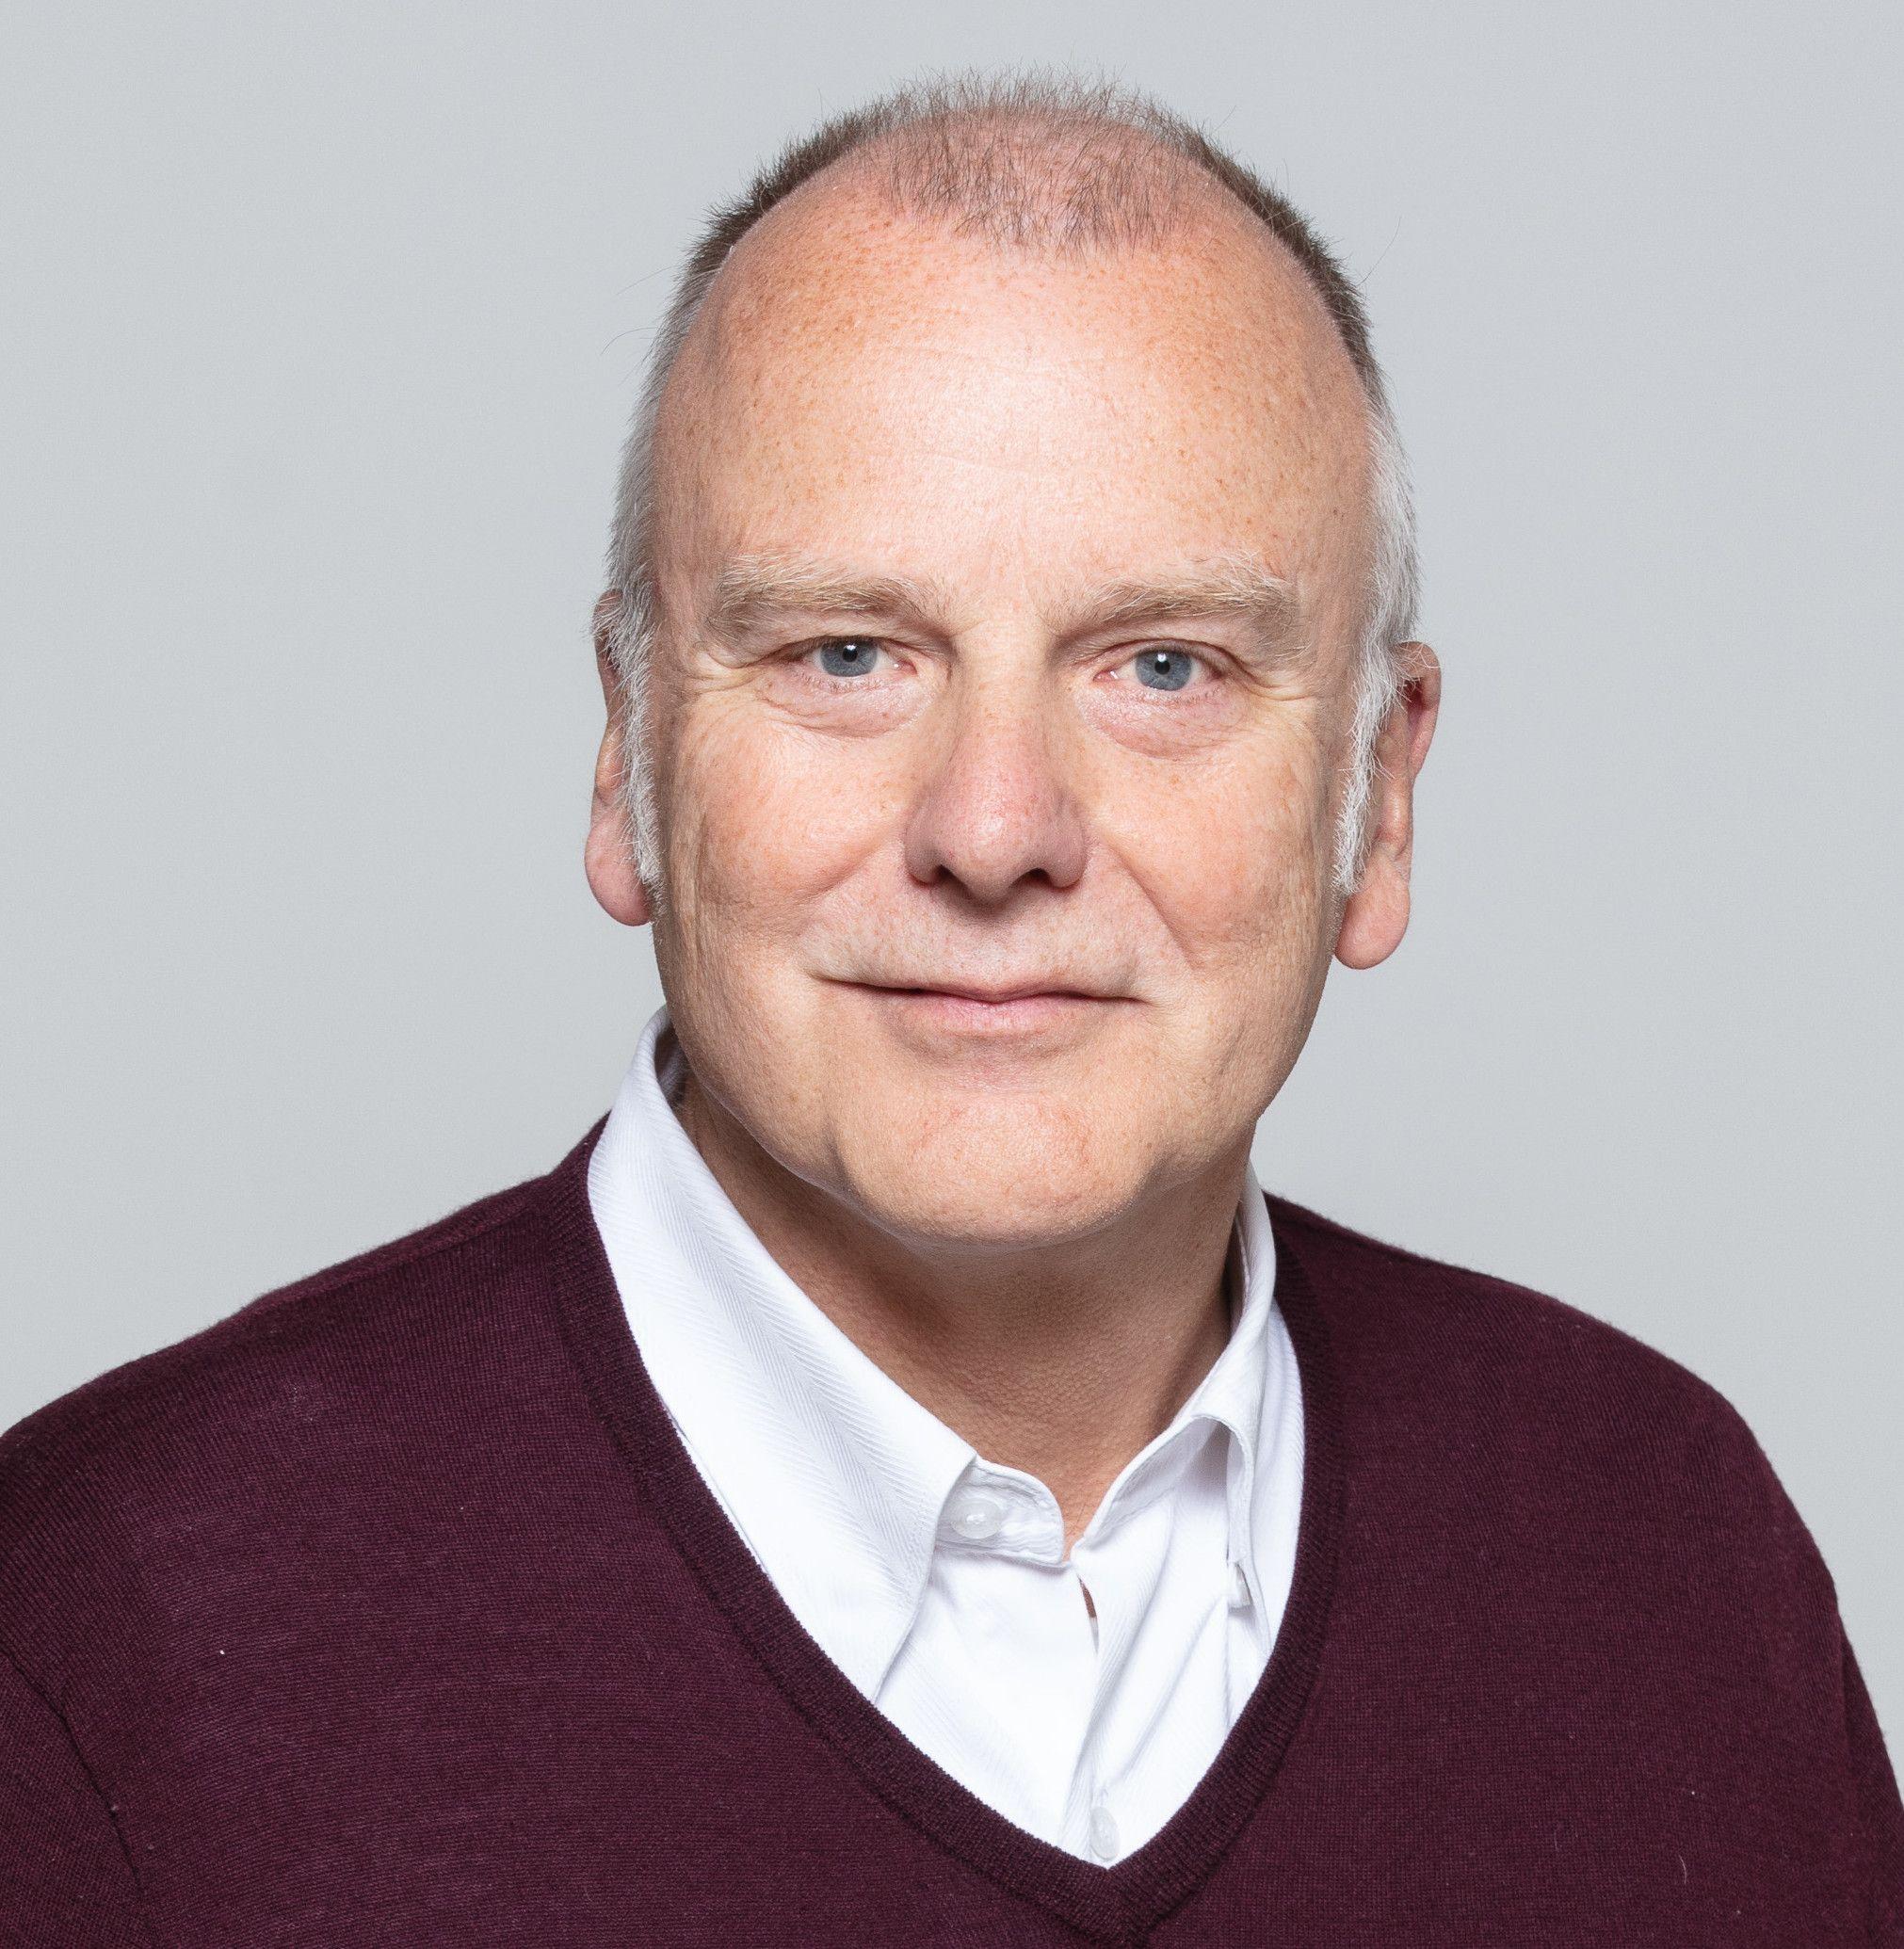 Friedrich Piaskowski